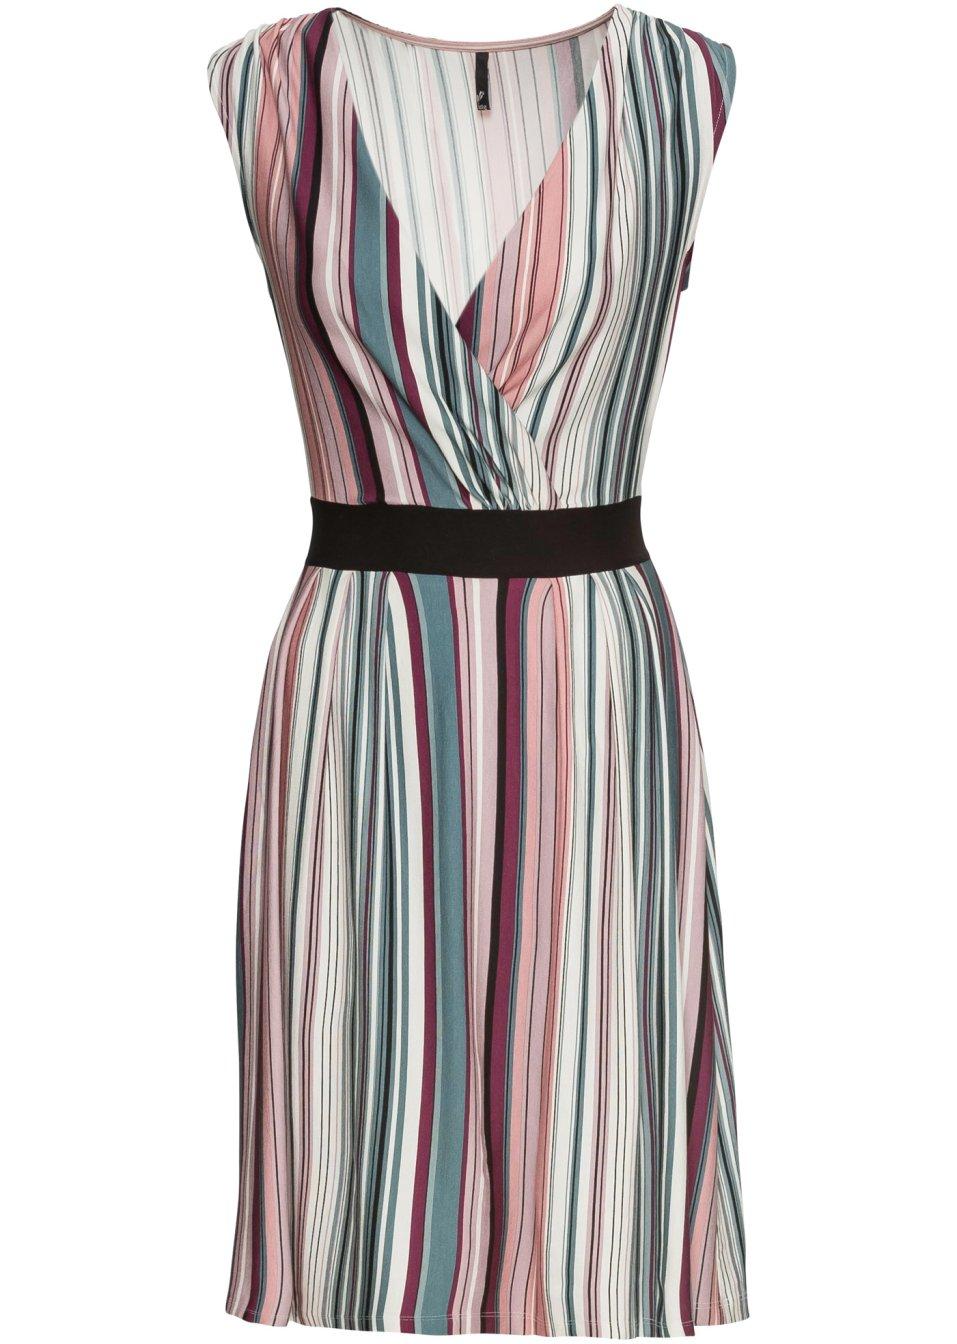 Bezauberndes Wickelkleid mit V-Ausschnitt - weiß/lila/blau QycEI r6gKZ